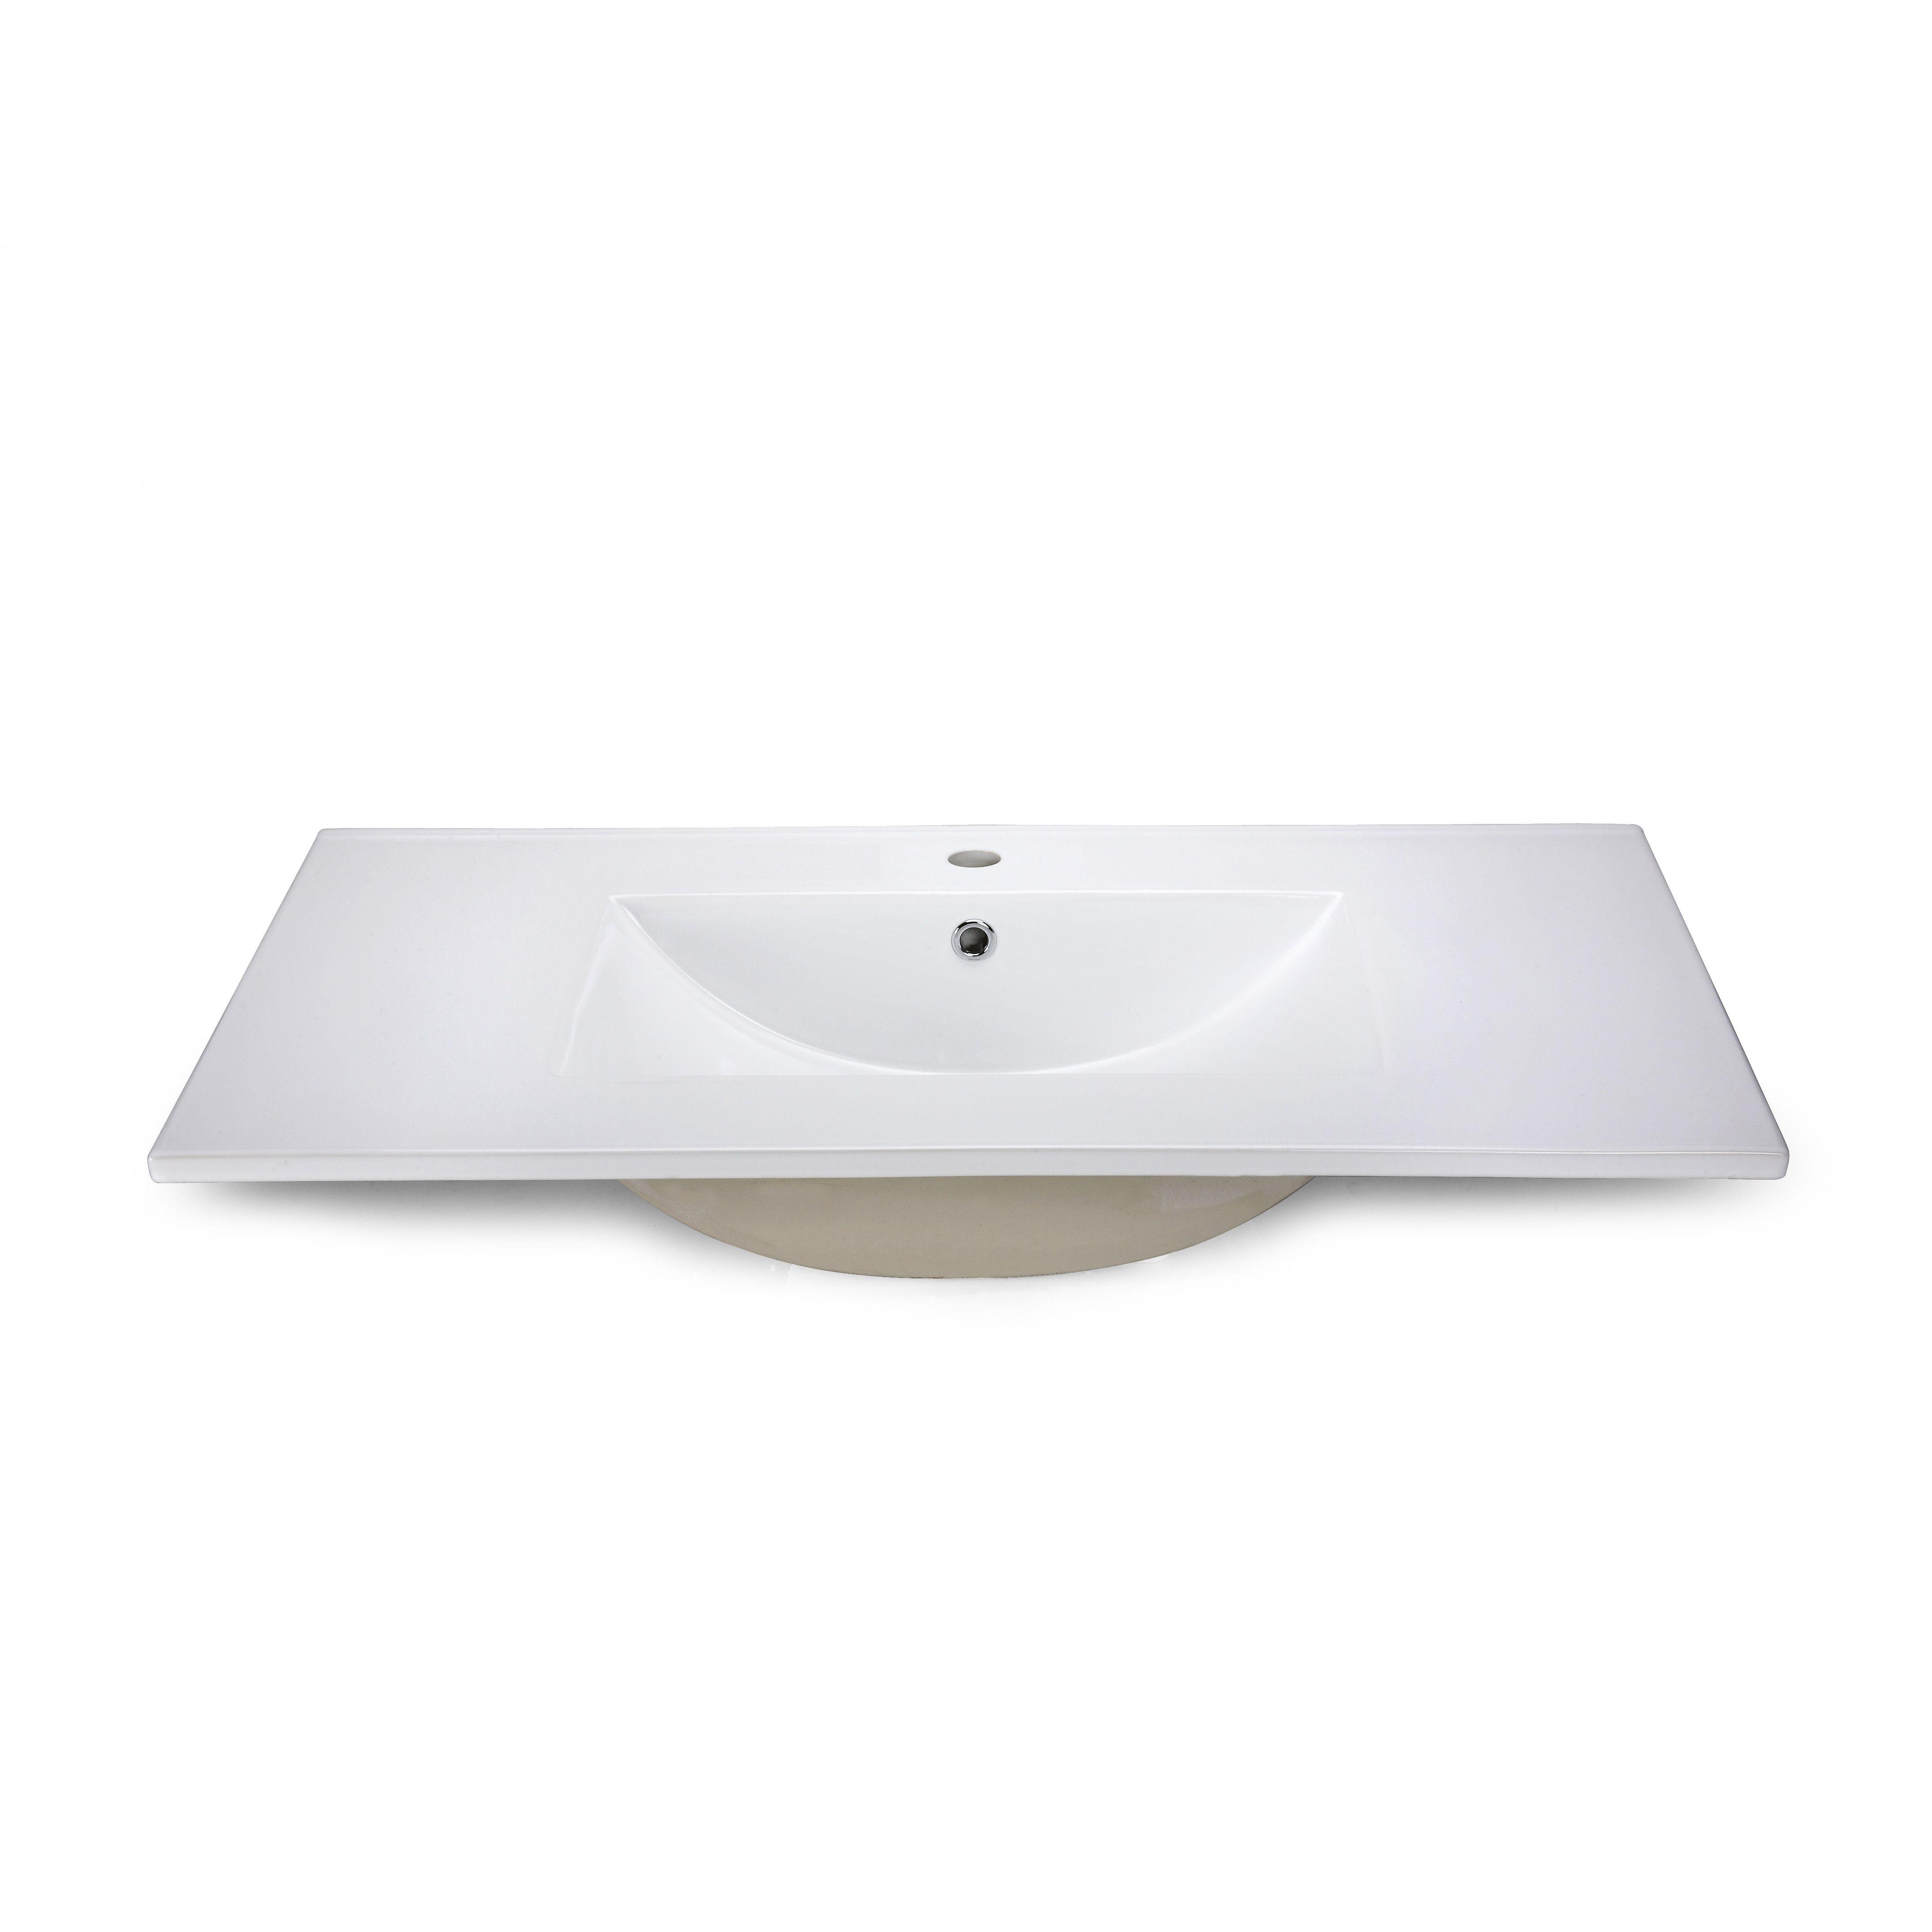 37 X 22 Porcelain Bathroom Vanity Top With Backsplash Google Search Bathroom Vanity Tops Single Bathroom Vanity Vanity Top